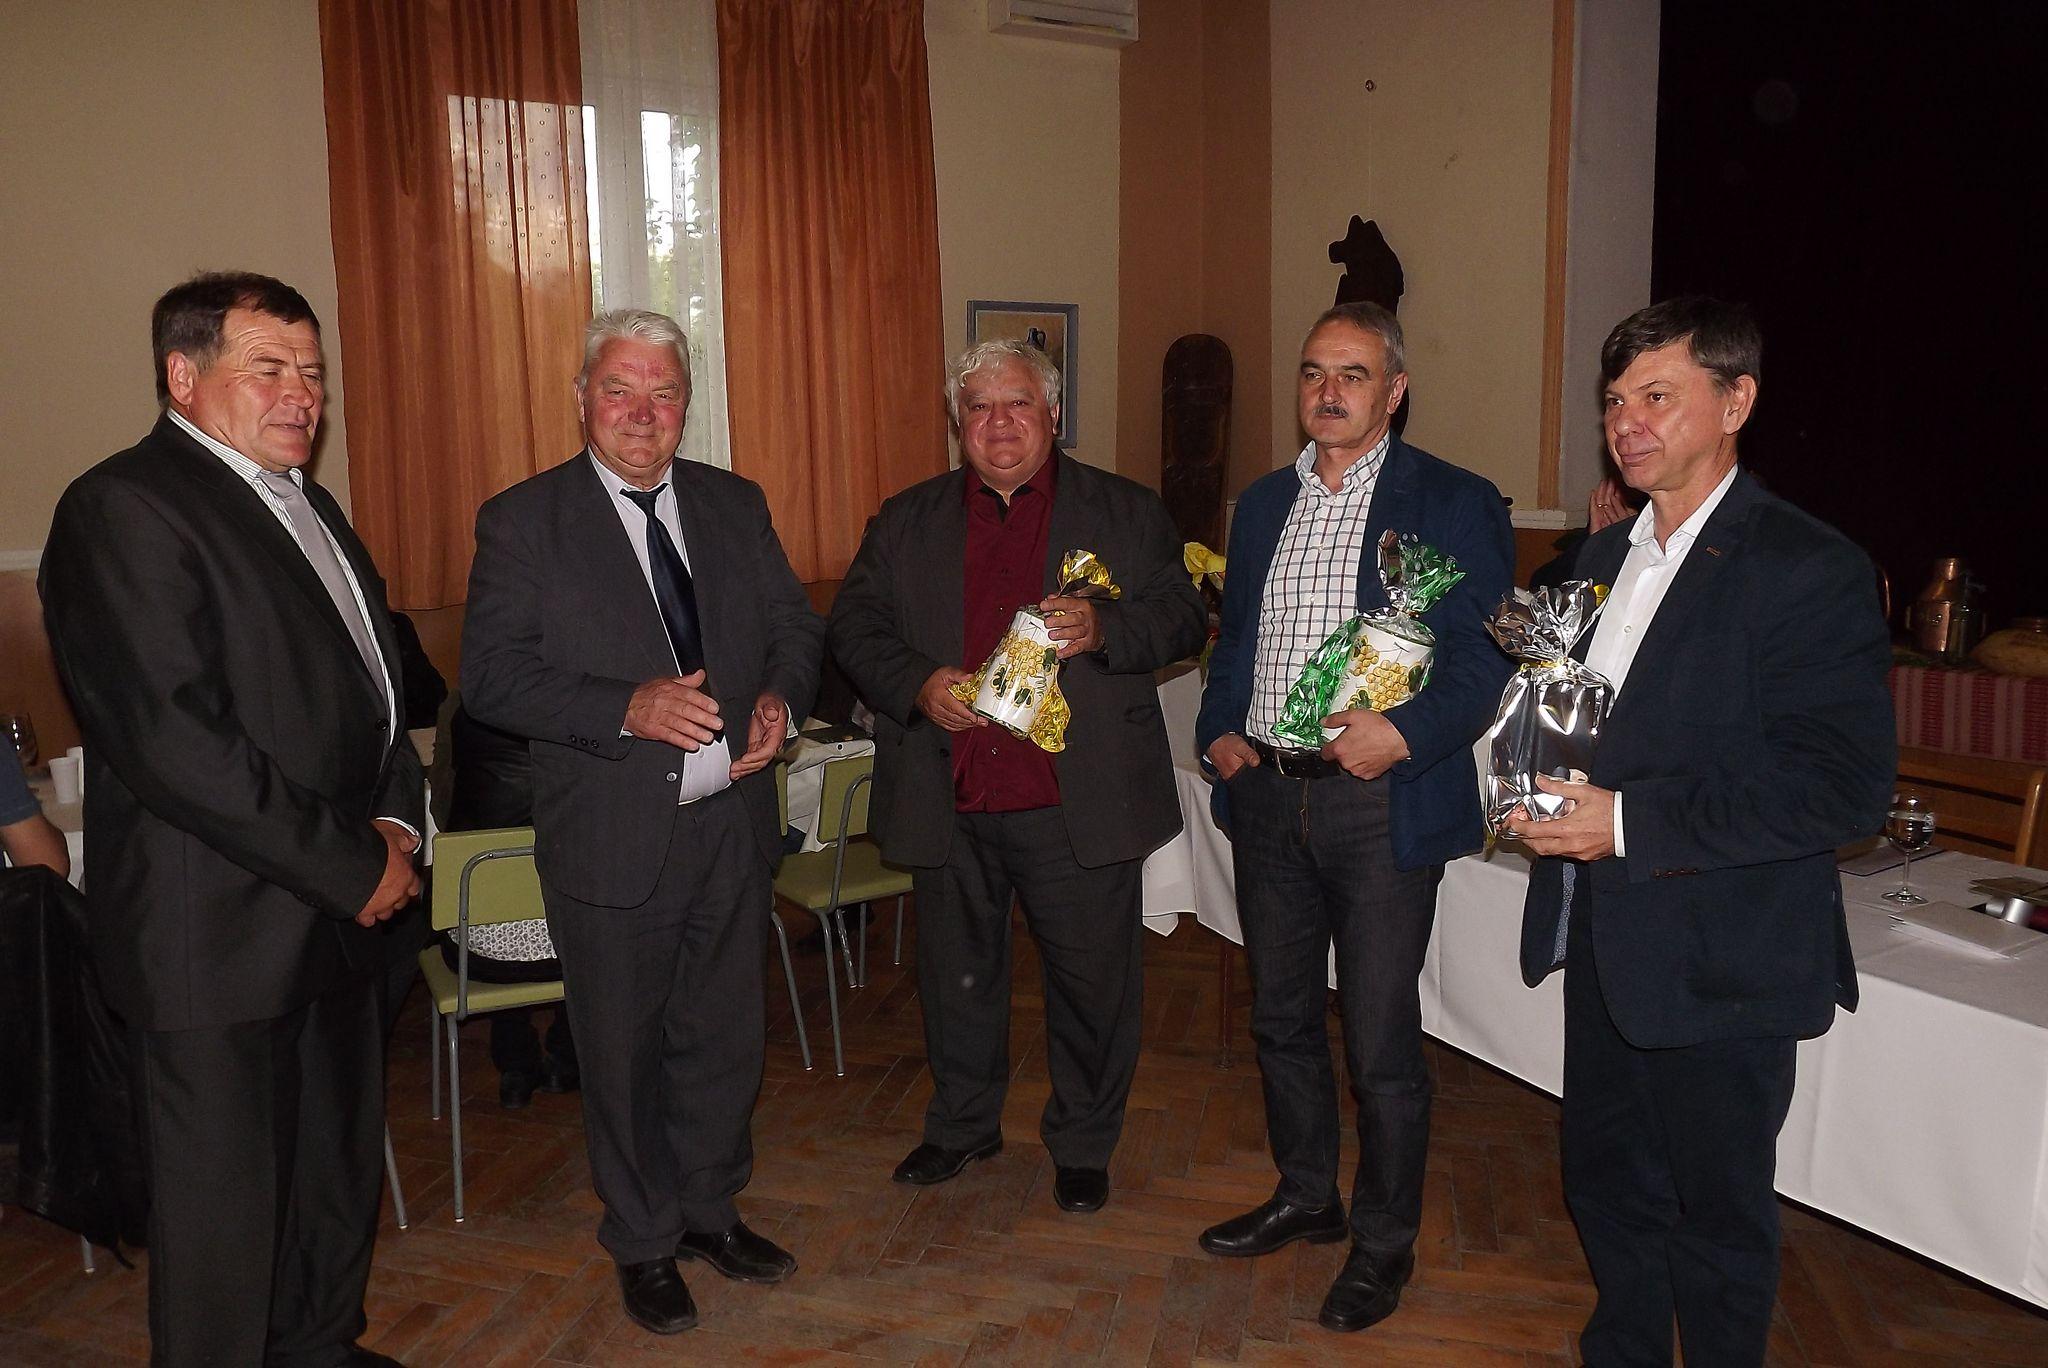 Balról: Lengyel László, a Szent Orbán Borosgazdák Társulásának elnöke, Zsidek Vilmos, vezetőségi tag ajándékot adnak át a fesztivál támogatóinak